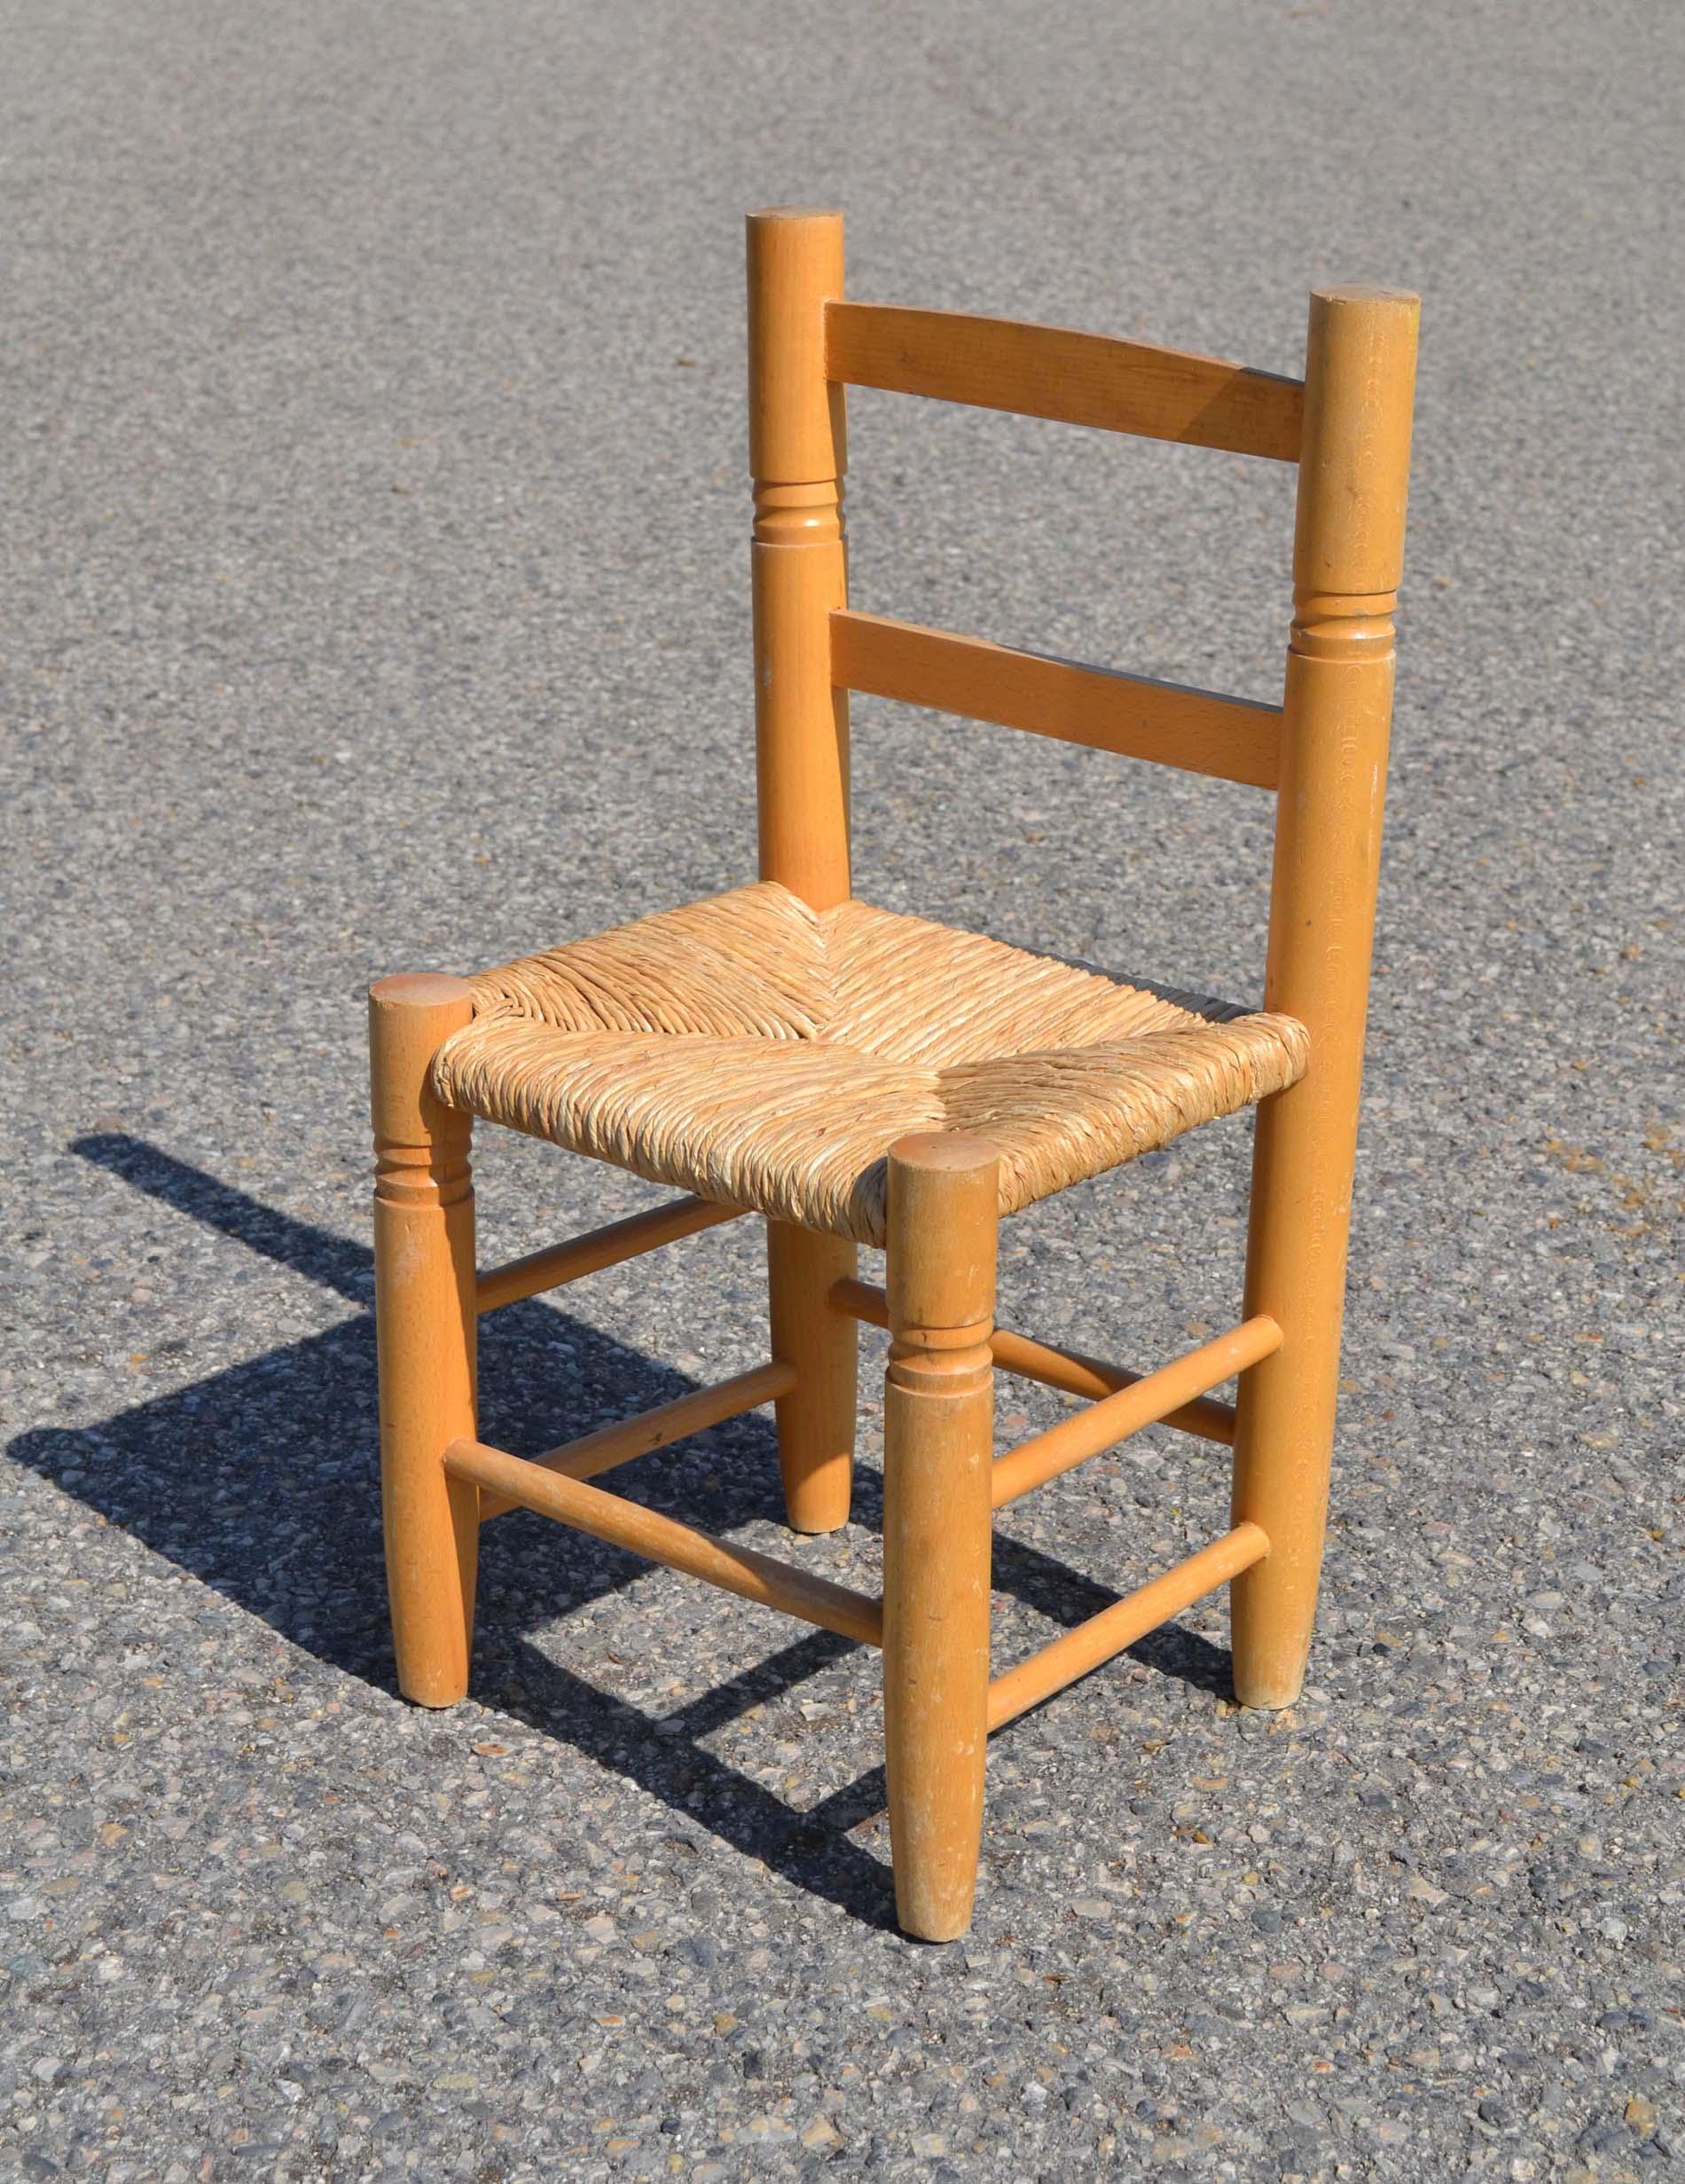 chaises d 39 enfants de fabrication r cente a gauche design arrondi et robustelabel i 39 m toy. Black Bedroom Furniture Sets. Home Design Ideas